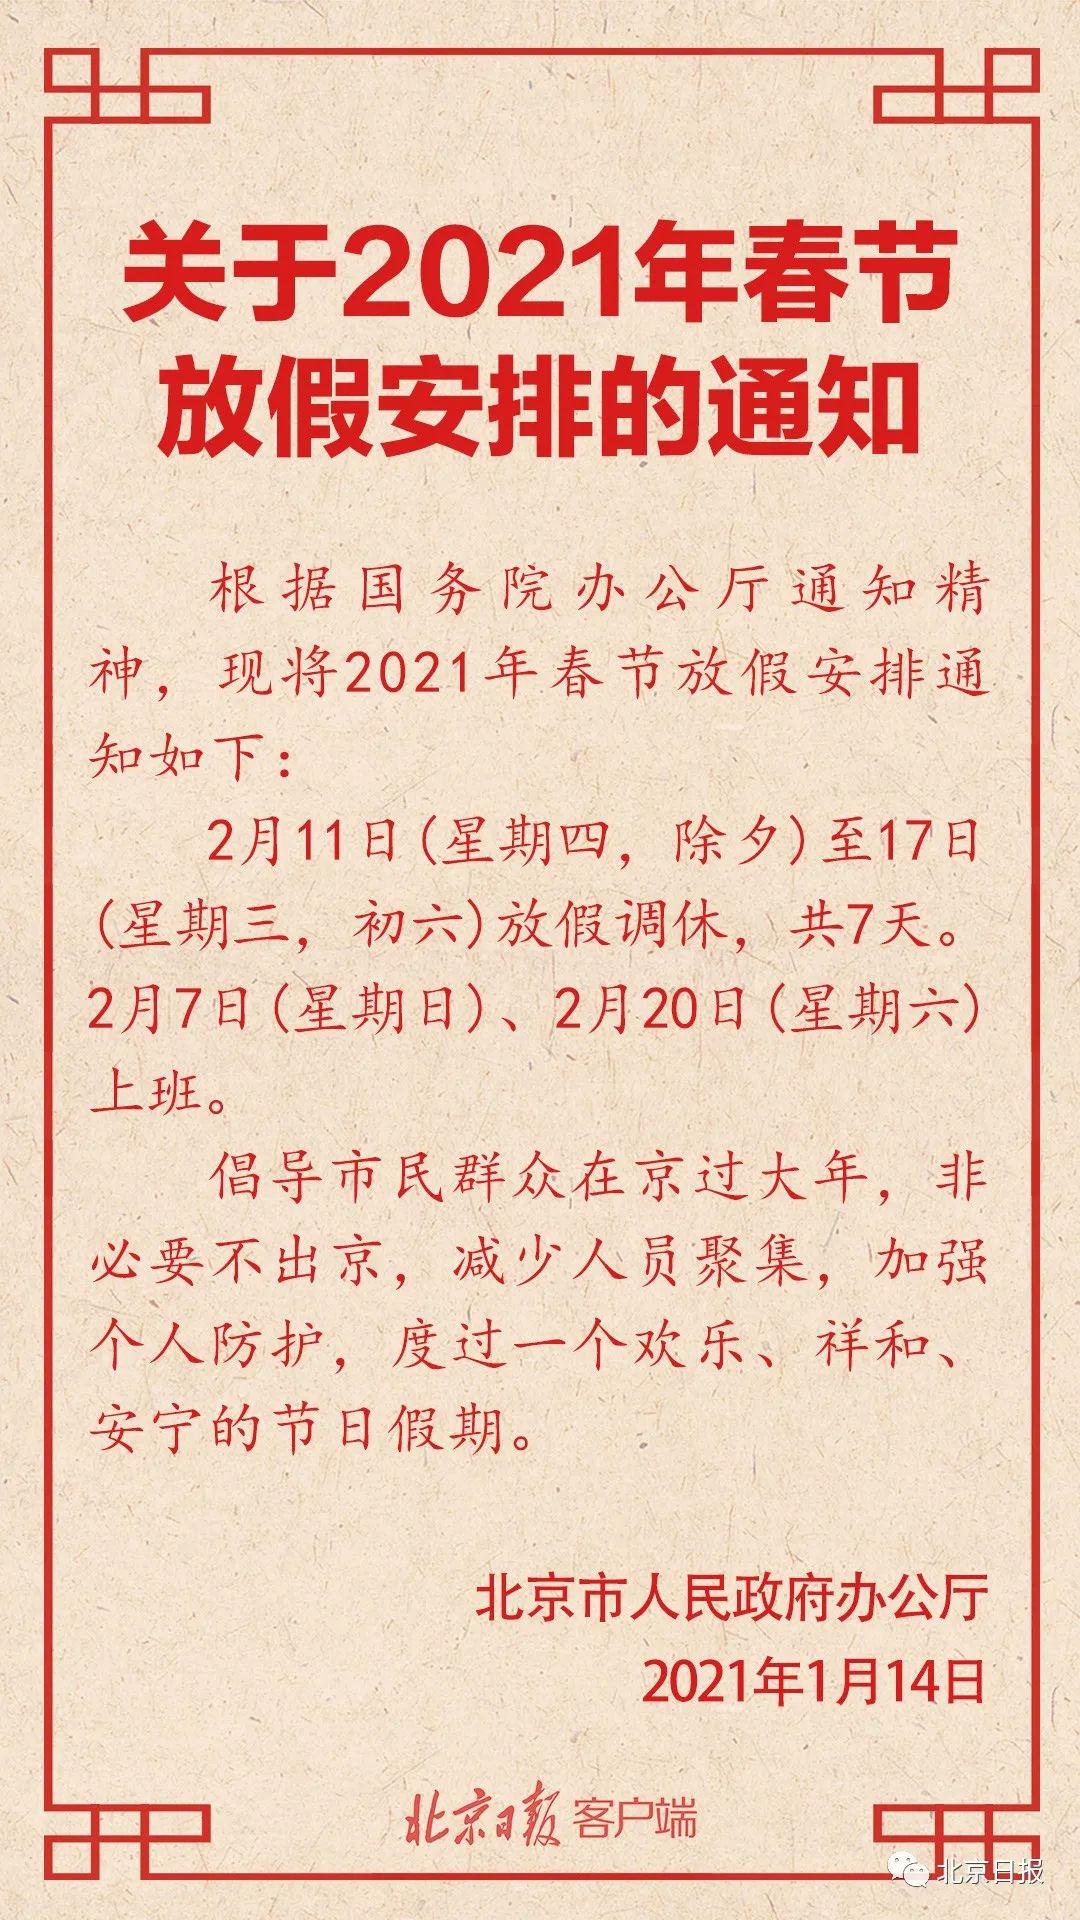 春节假期几天(国家规定春节多少天假)